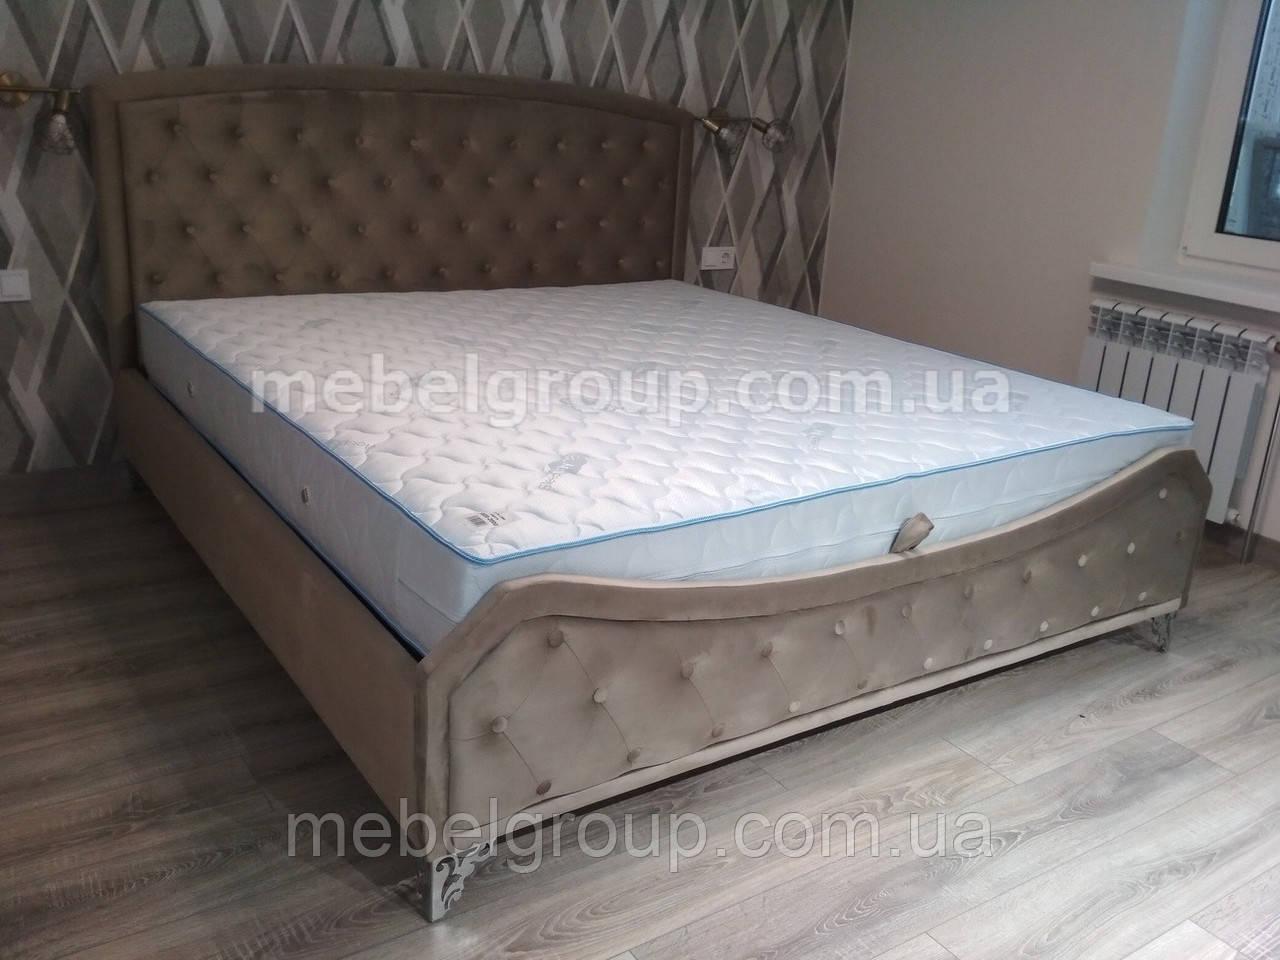 Кровать Саманта 180*200 с механизмом